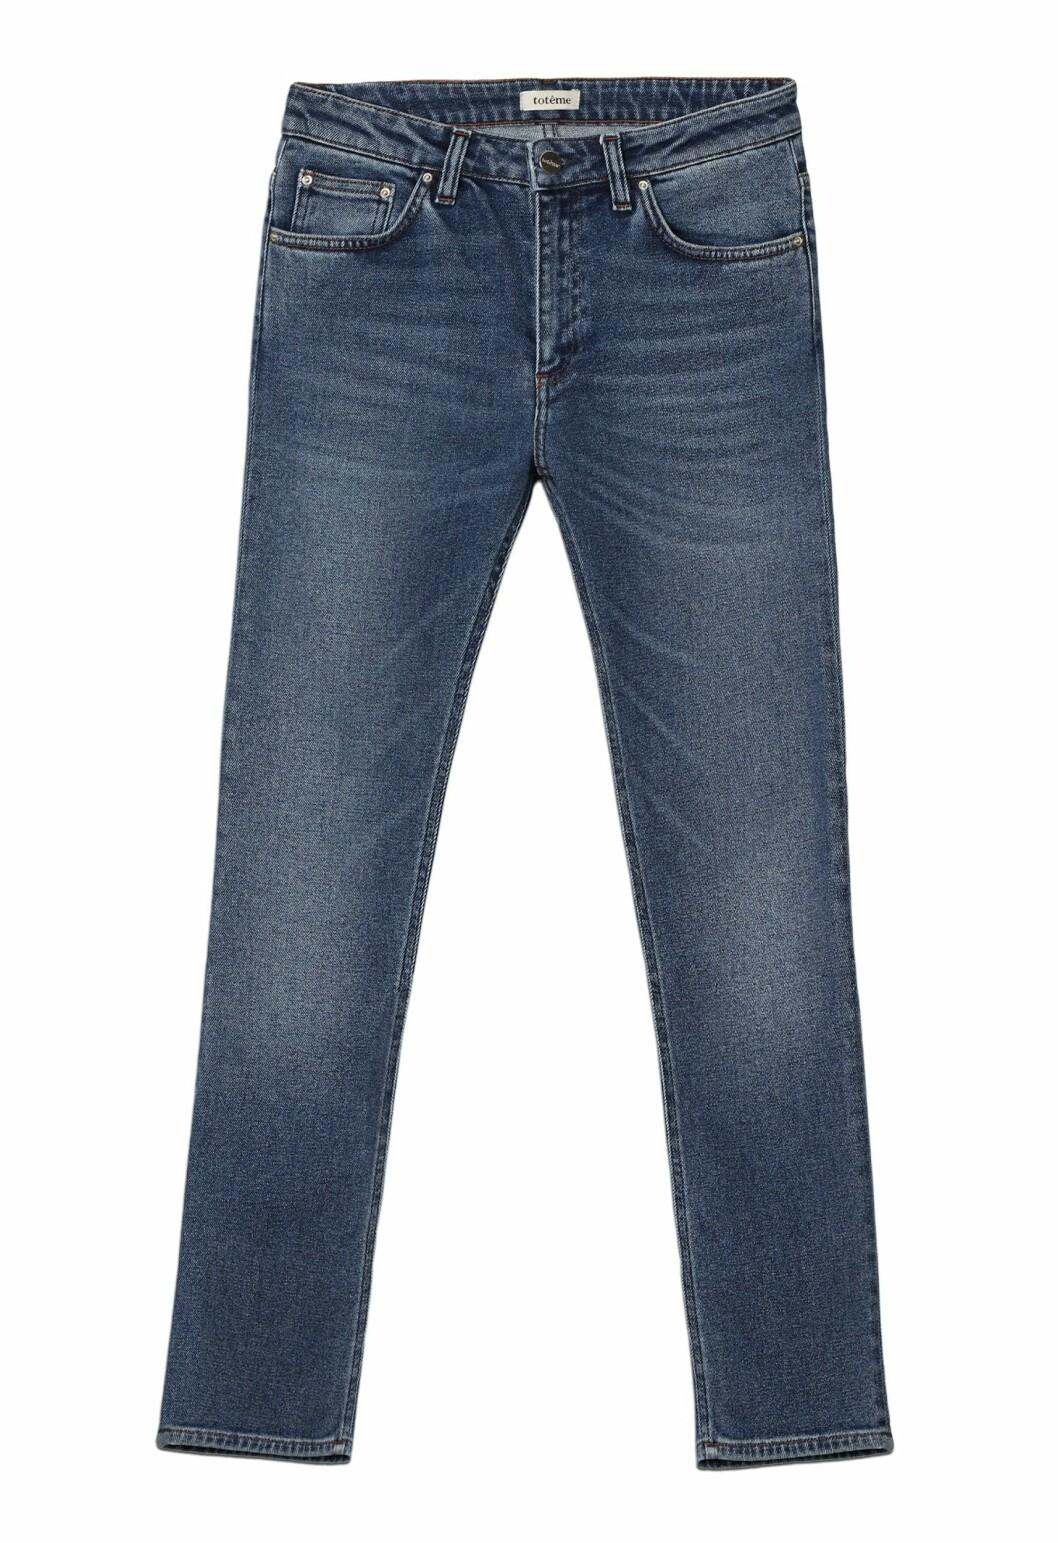 Jeans fra Totême, kr 1200. Foto: Produsenten